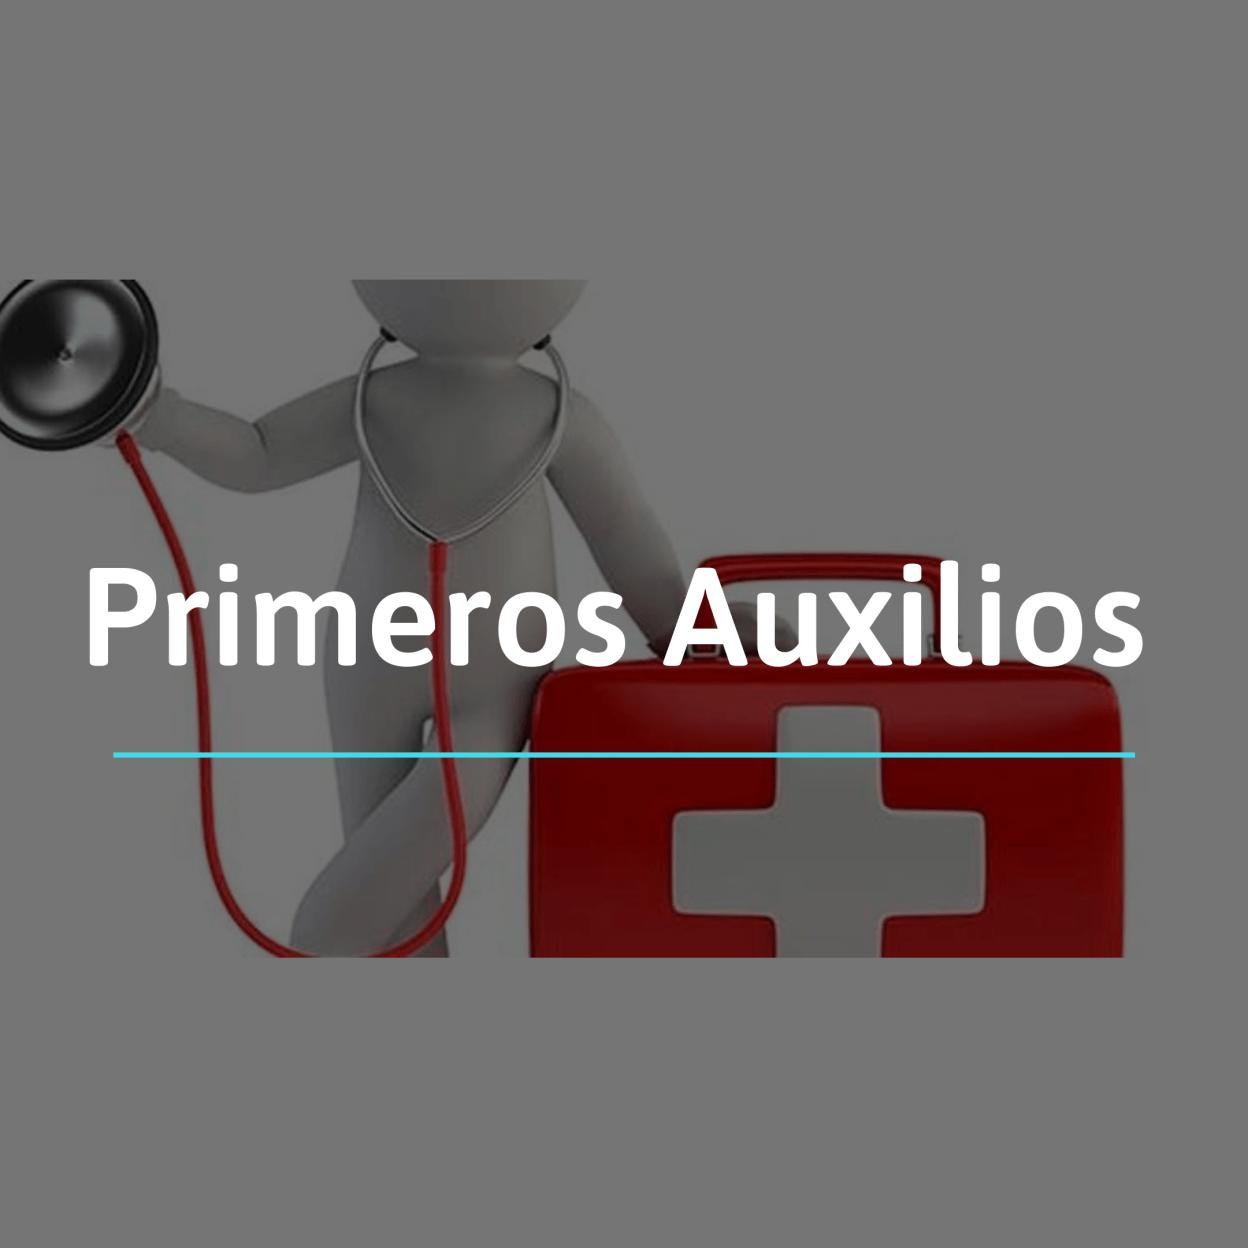 Los primeros auxilios son aquellas medidas inmediatas que se toman en una persona lesionada, inconsciente o súbitamente enferma, en el sitio donde ha ocurrido el incidente y hasta la llegada de la asistencia sanitaria